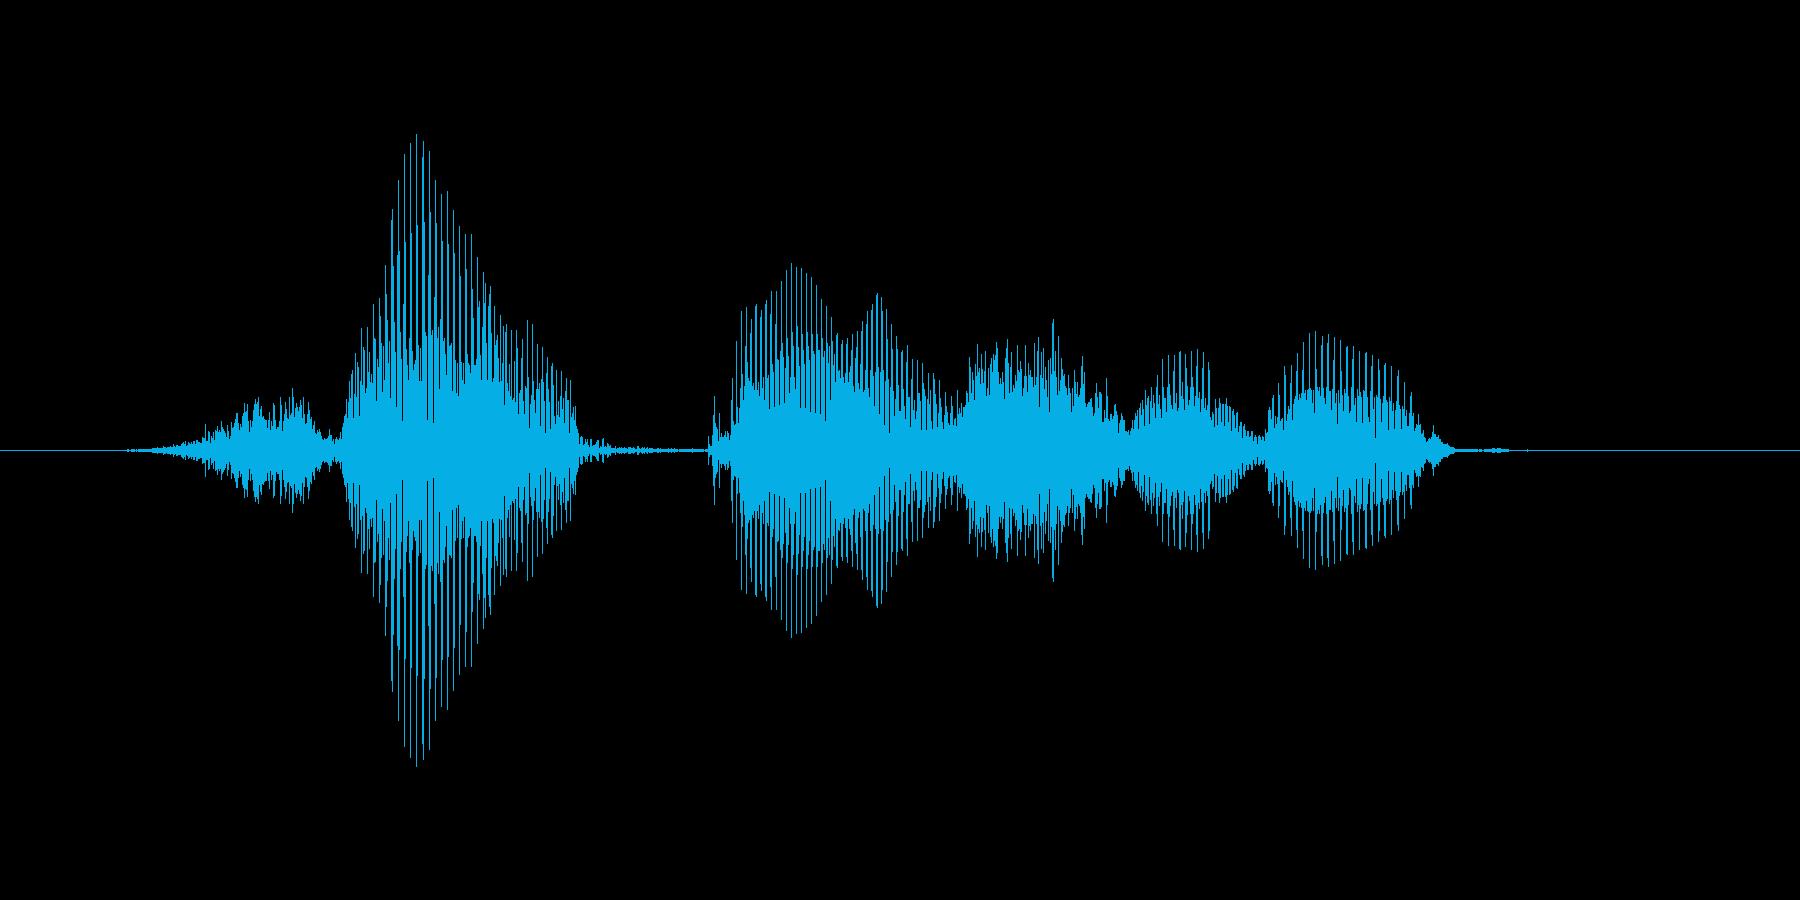 再開するの再生済みの波形